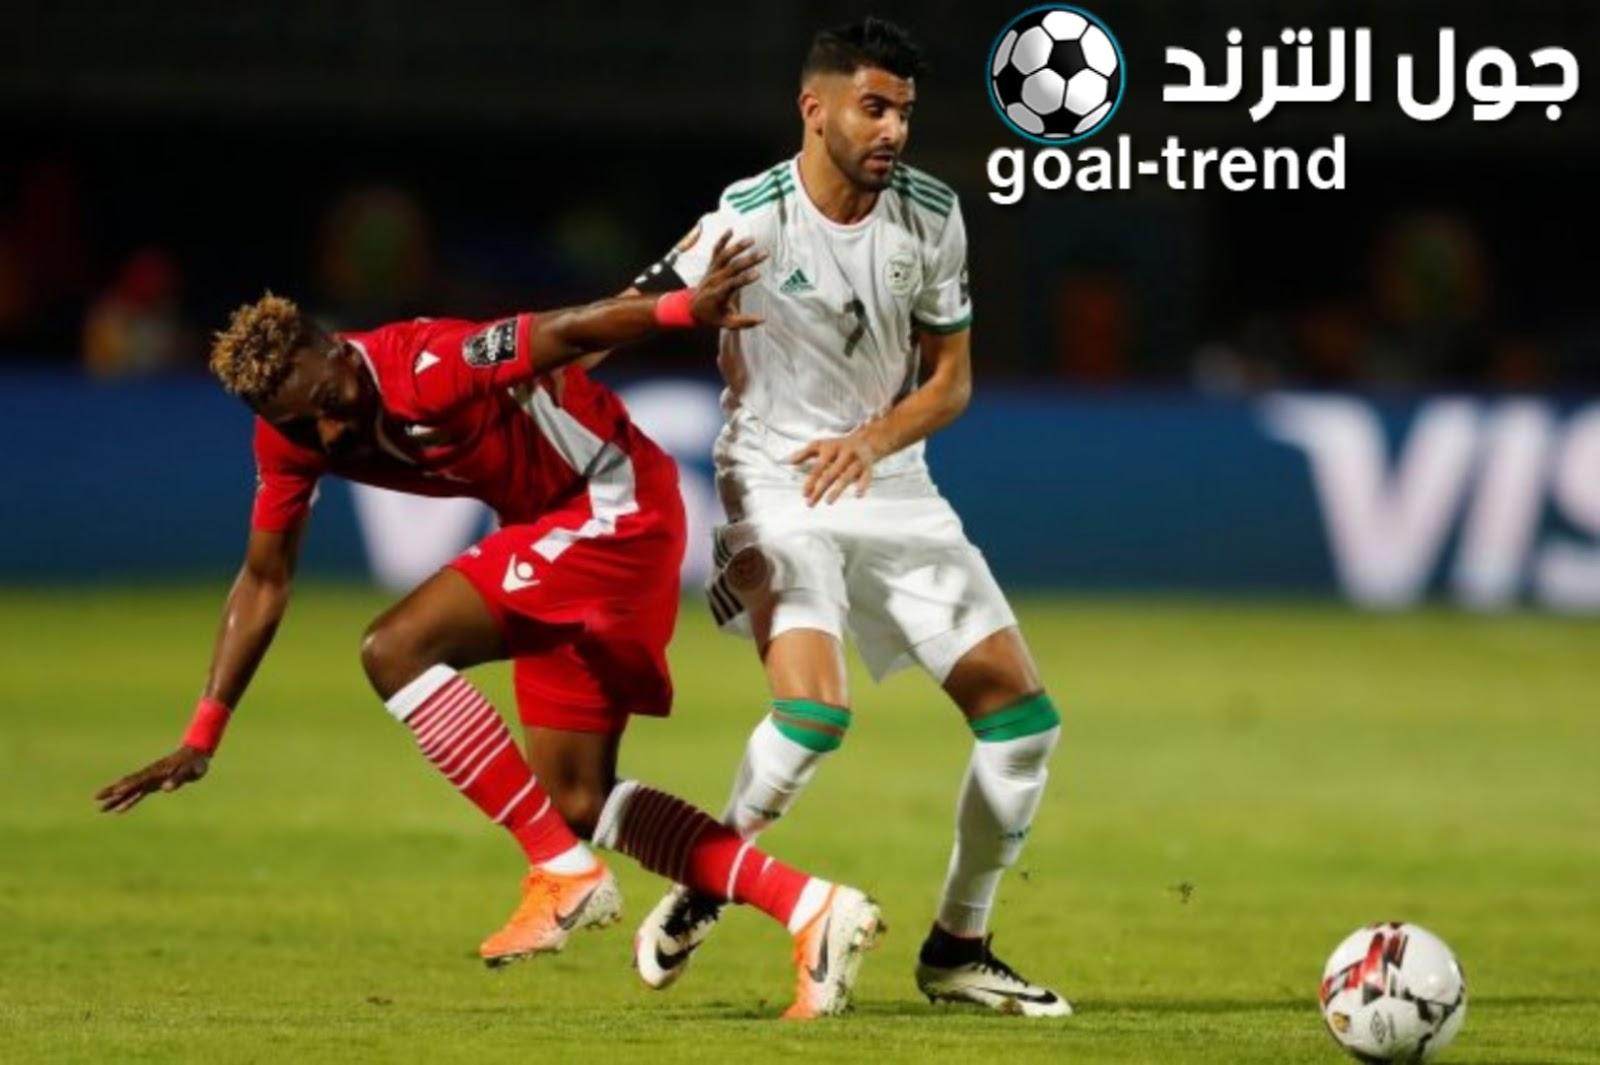 موعد مواجهة السنغال والجزائر في كأس امم افريقيا